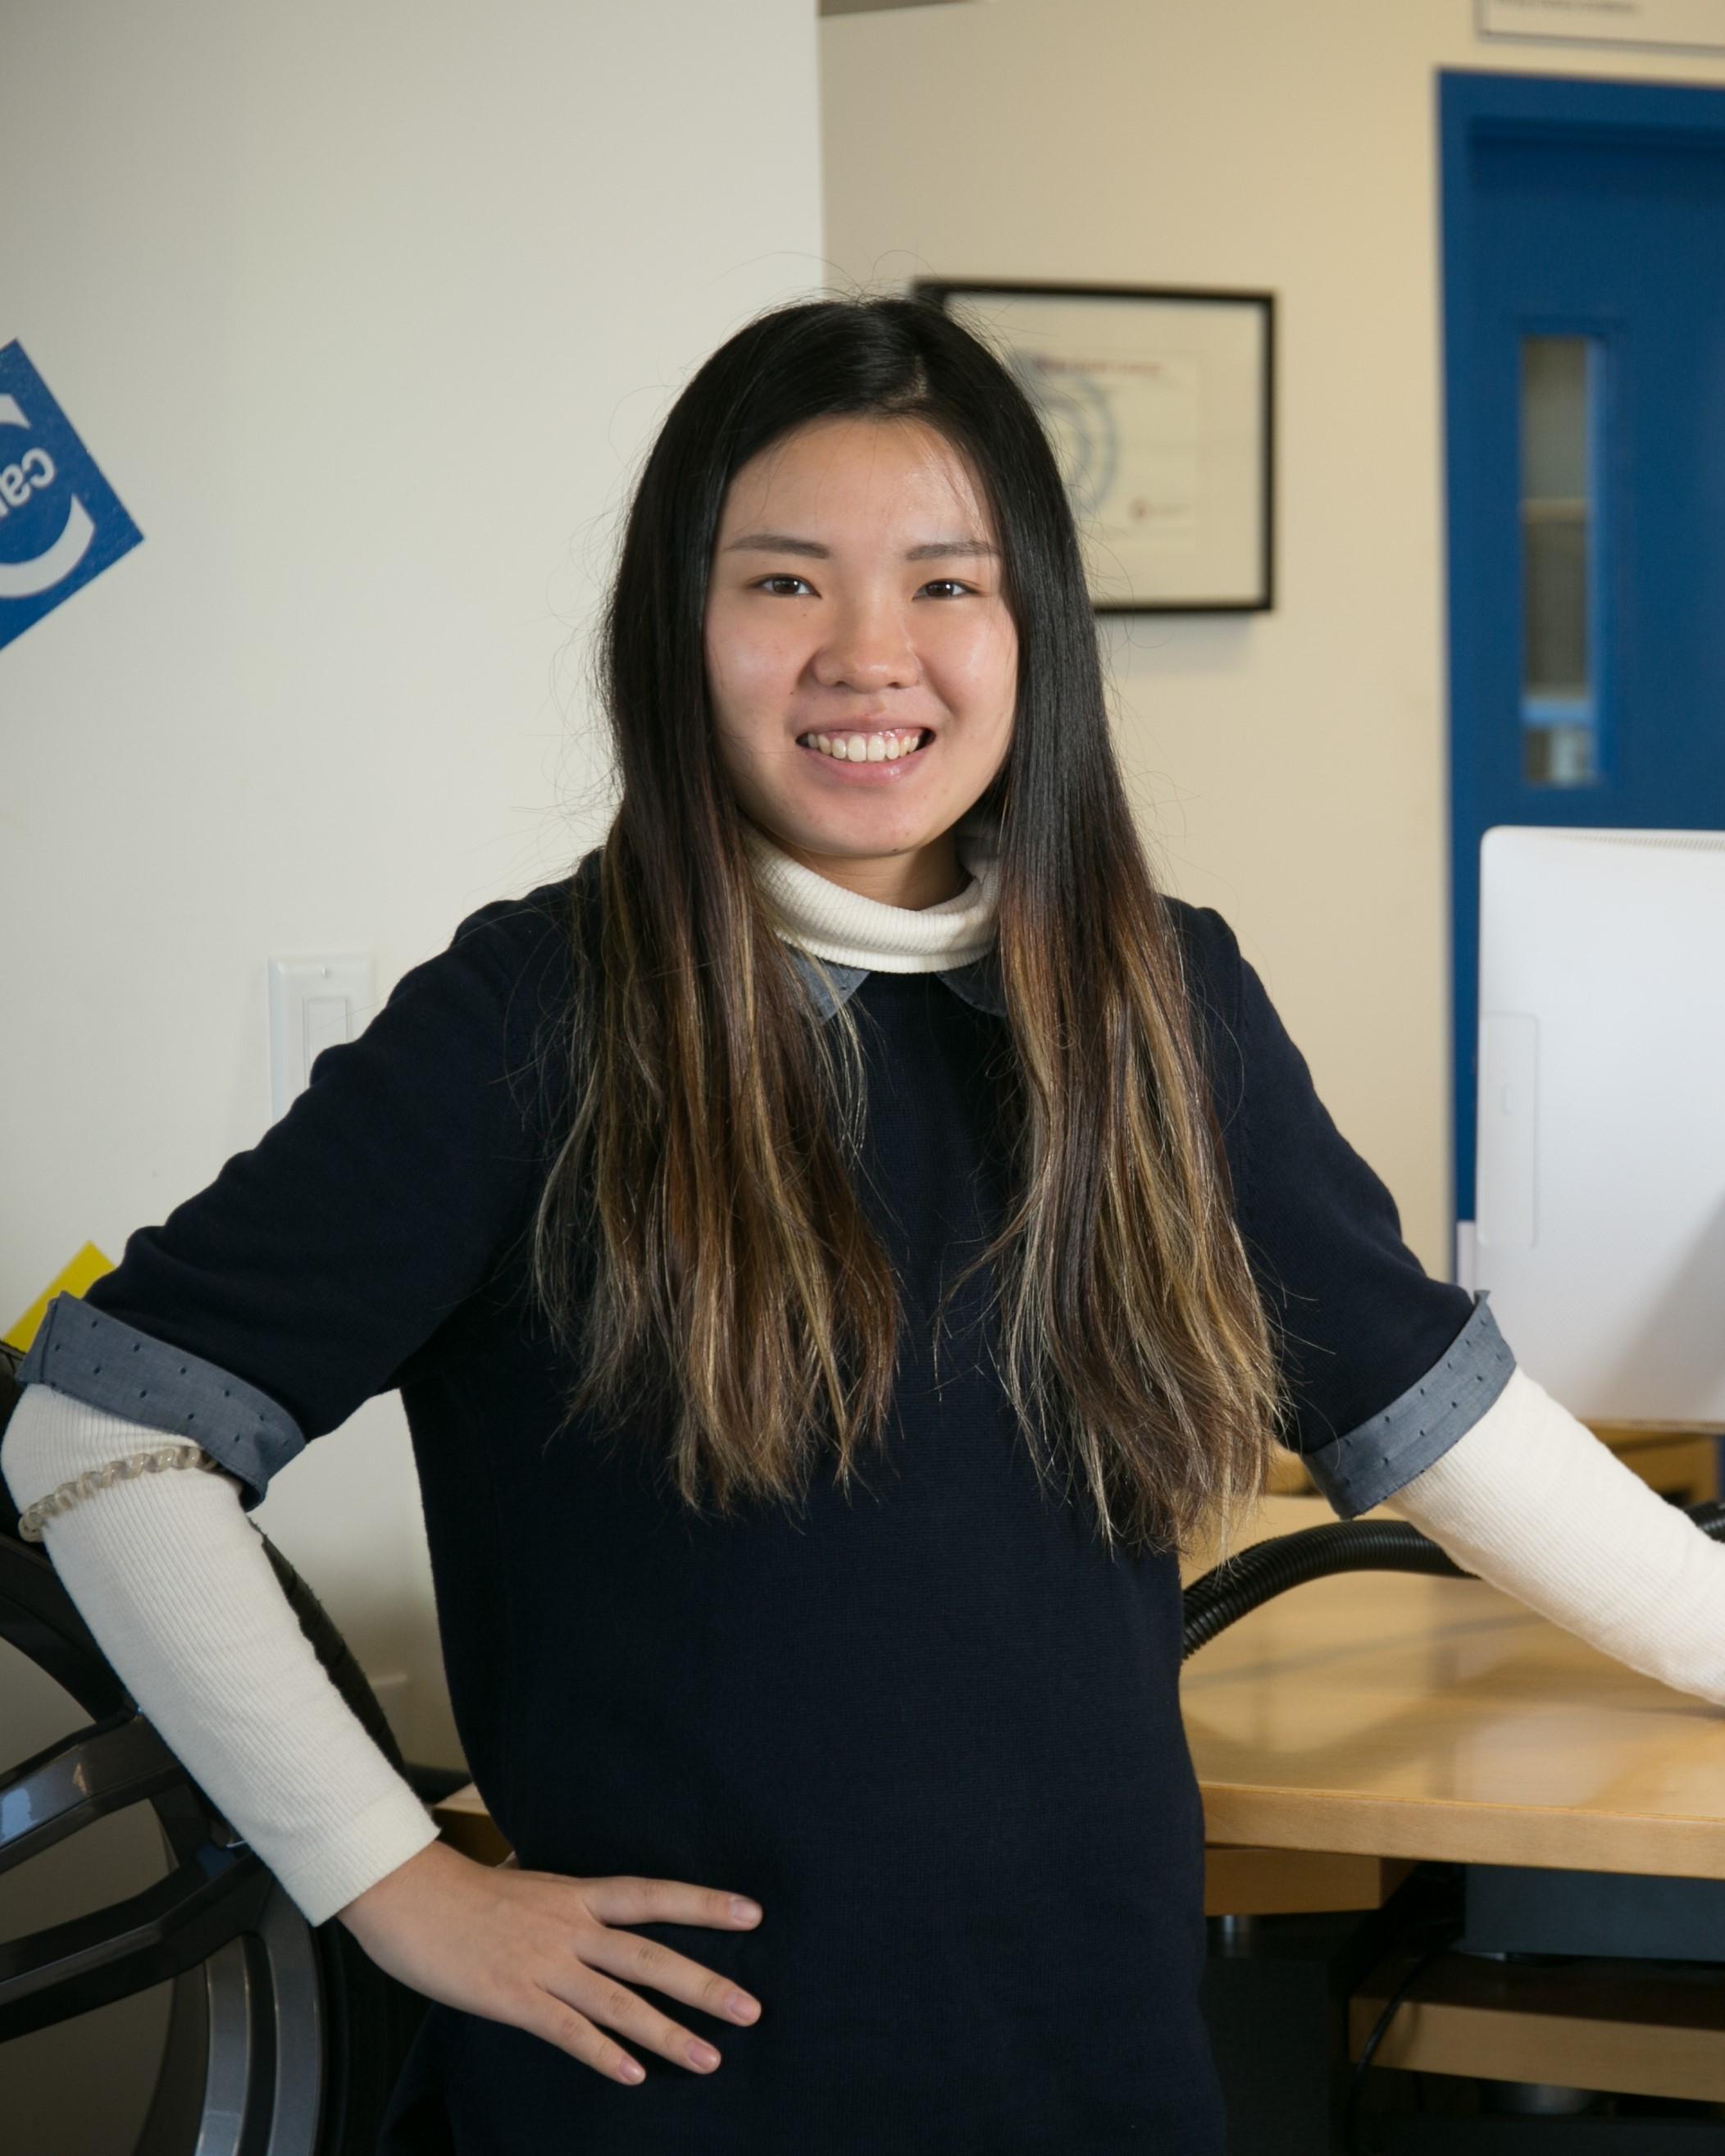 Han Wang Administrative & Marketing Assistant at Company of Cars